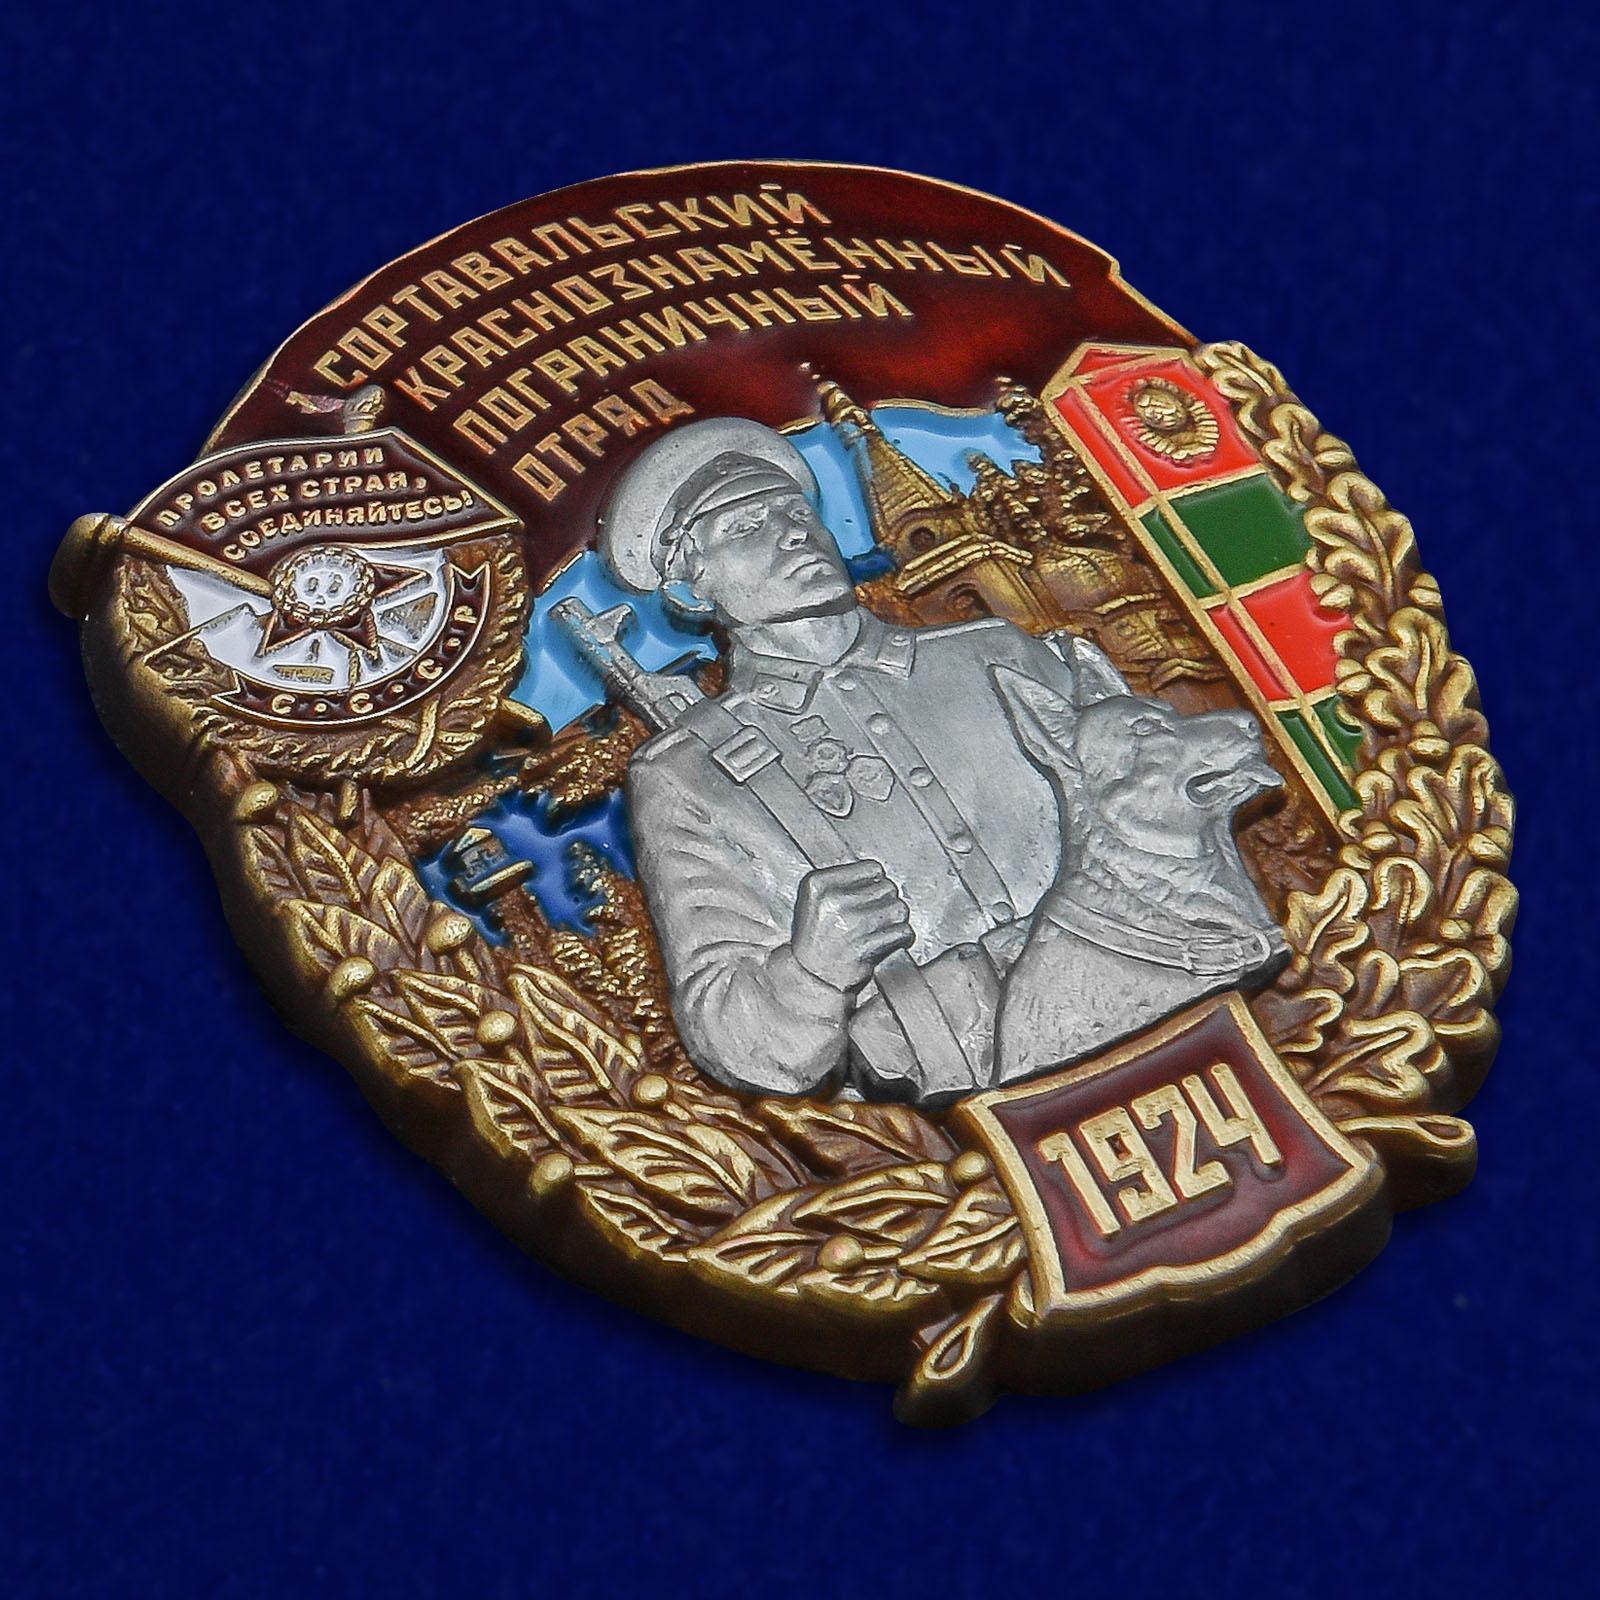 Наградной знак 1 Сортавальский Краснознамённый Пограничный отряд - общий вид